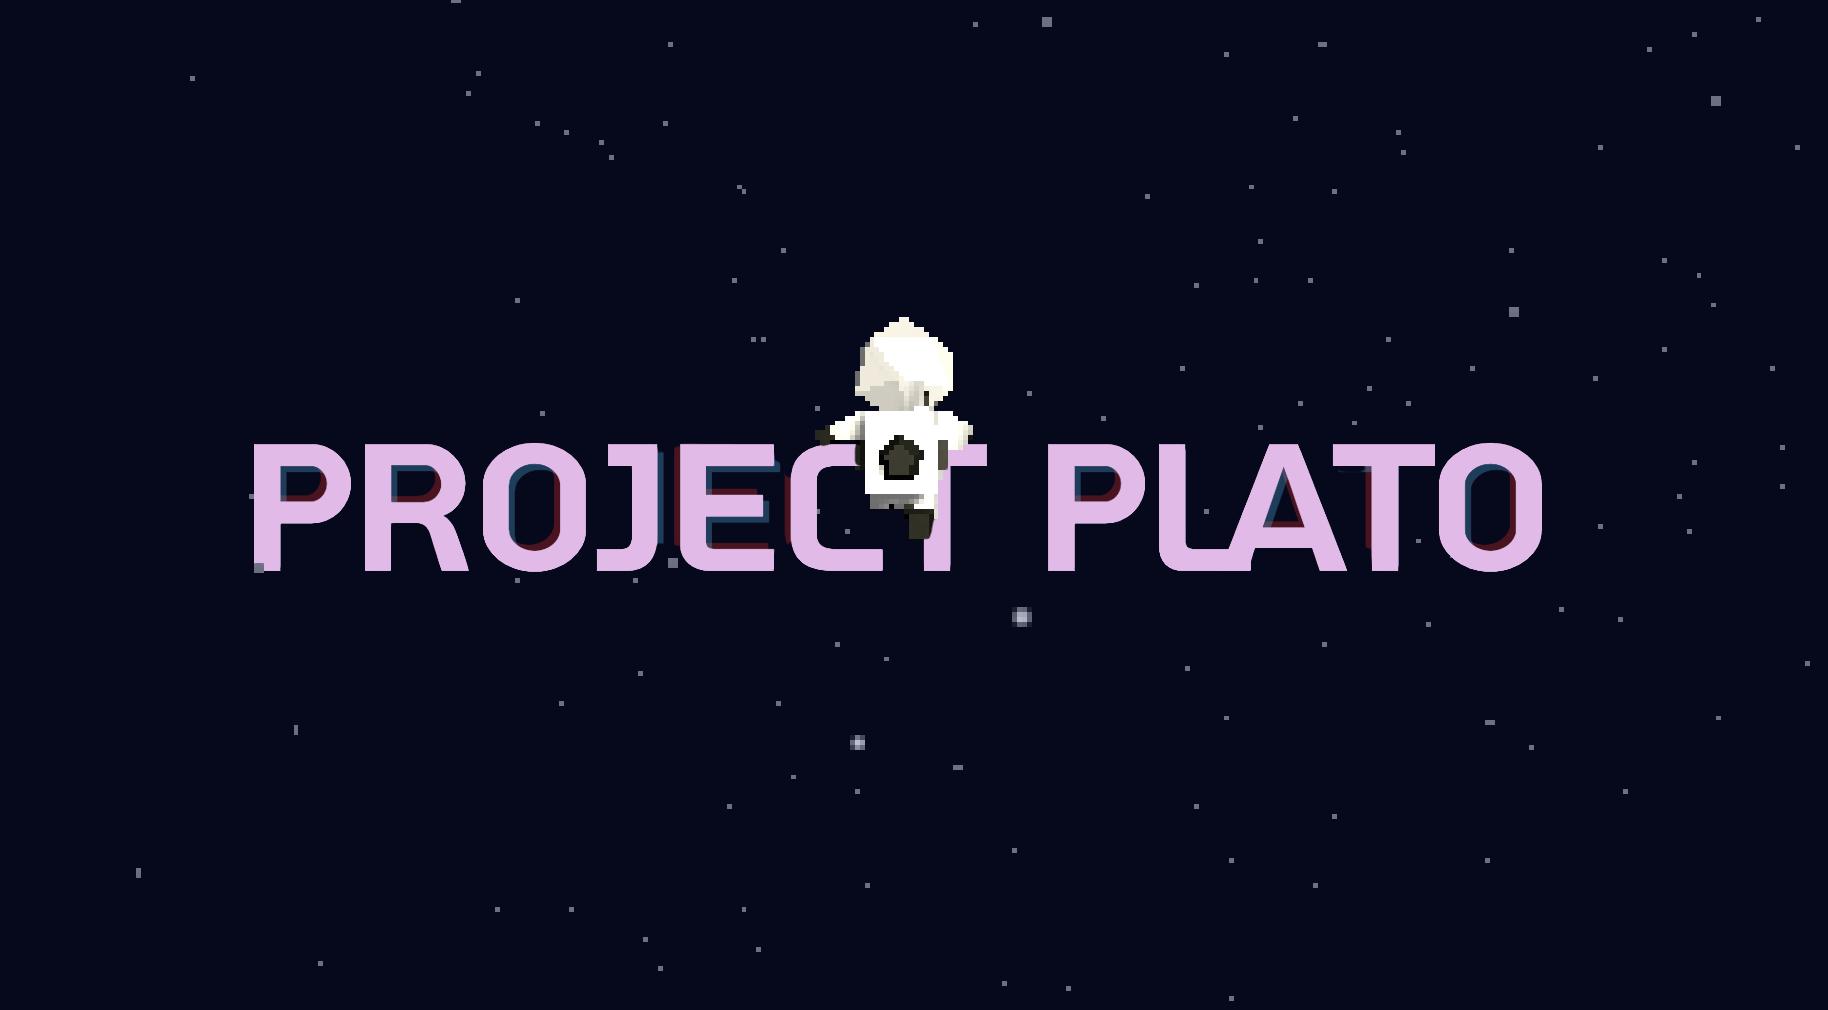 Project Plato